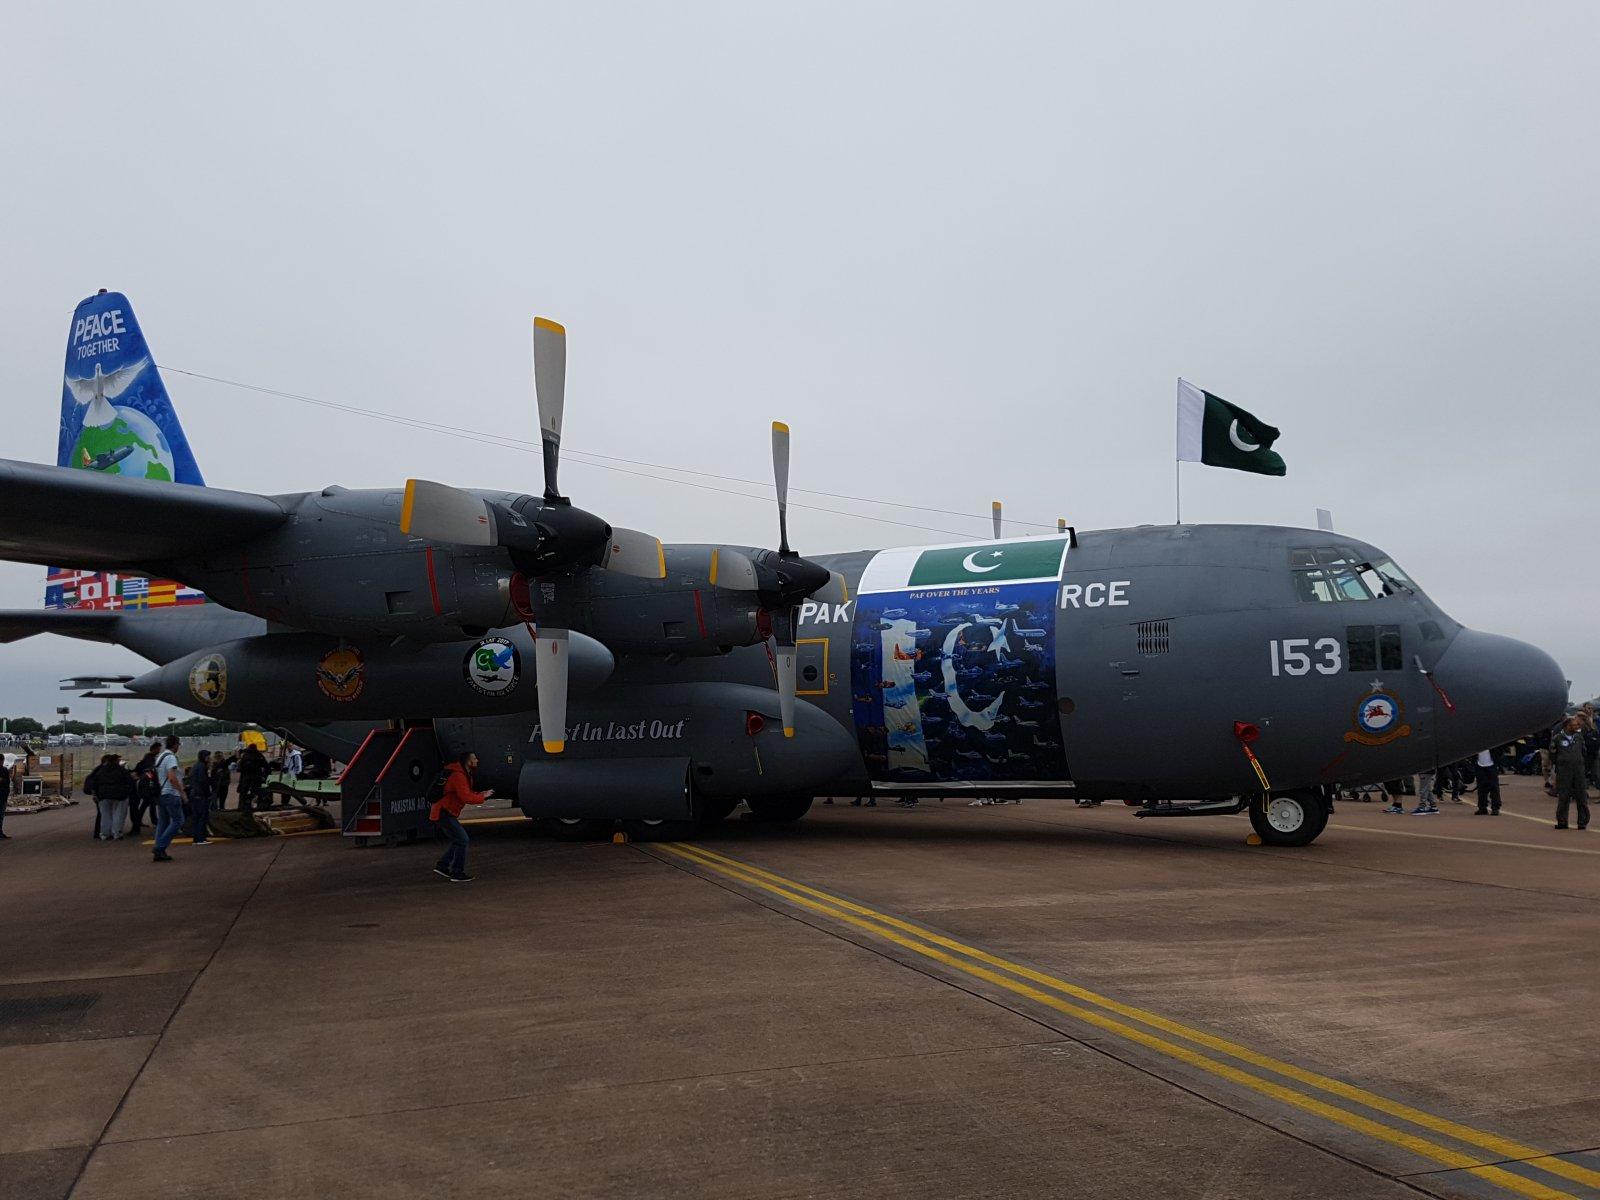 Pakistan Air Force Lockheed C-130E Hercules, 4153